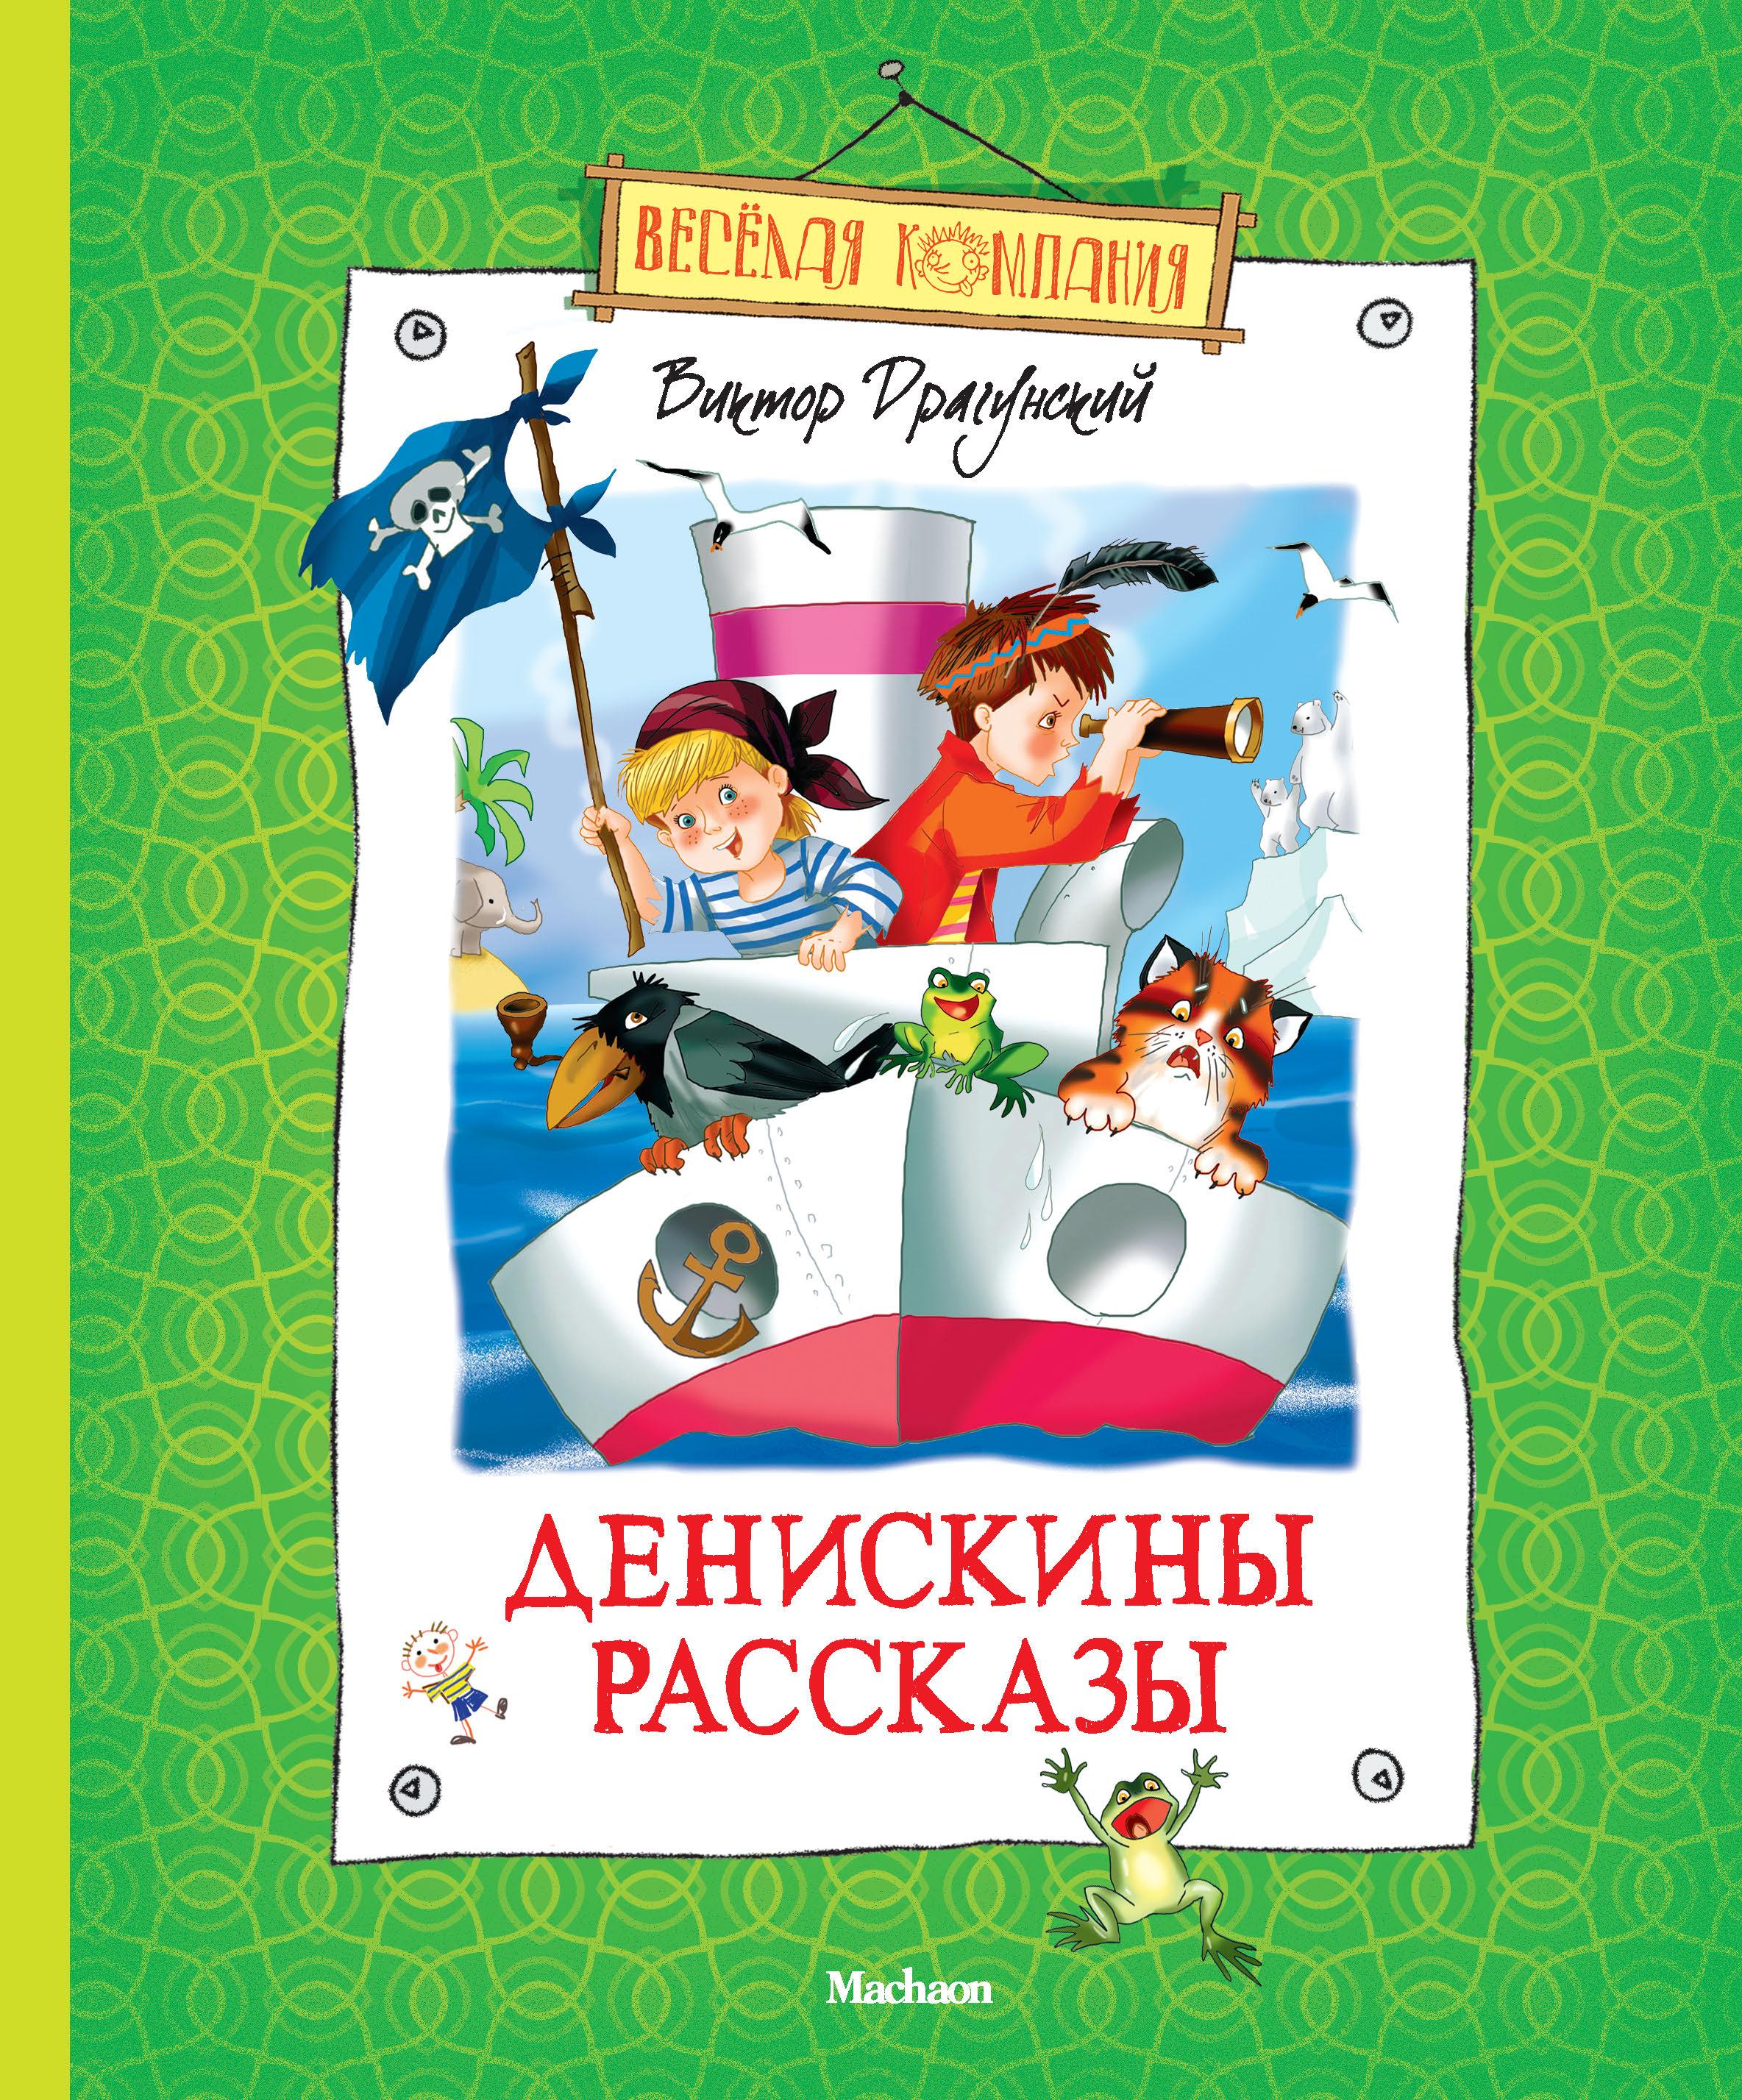 Рассказы в драгунскава 22 фотография